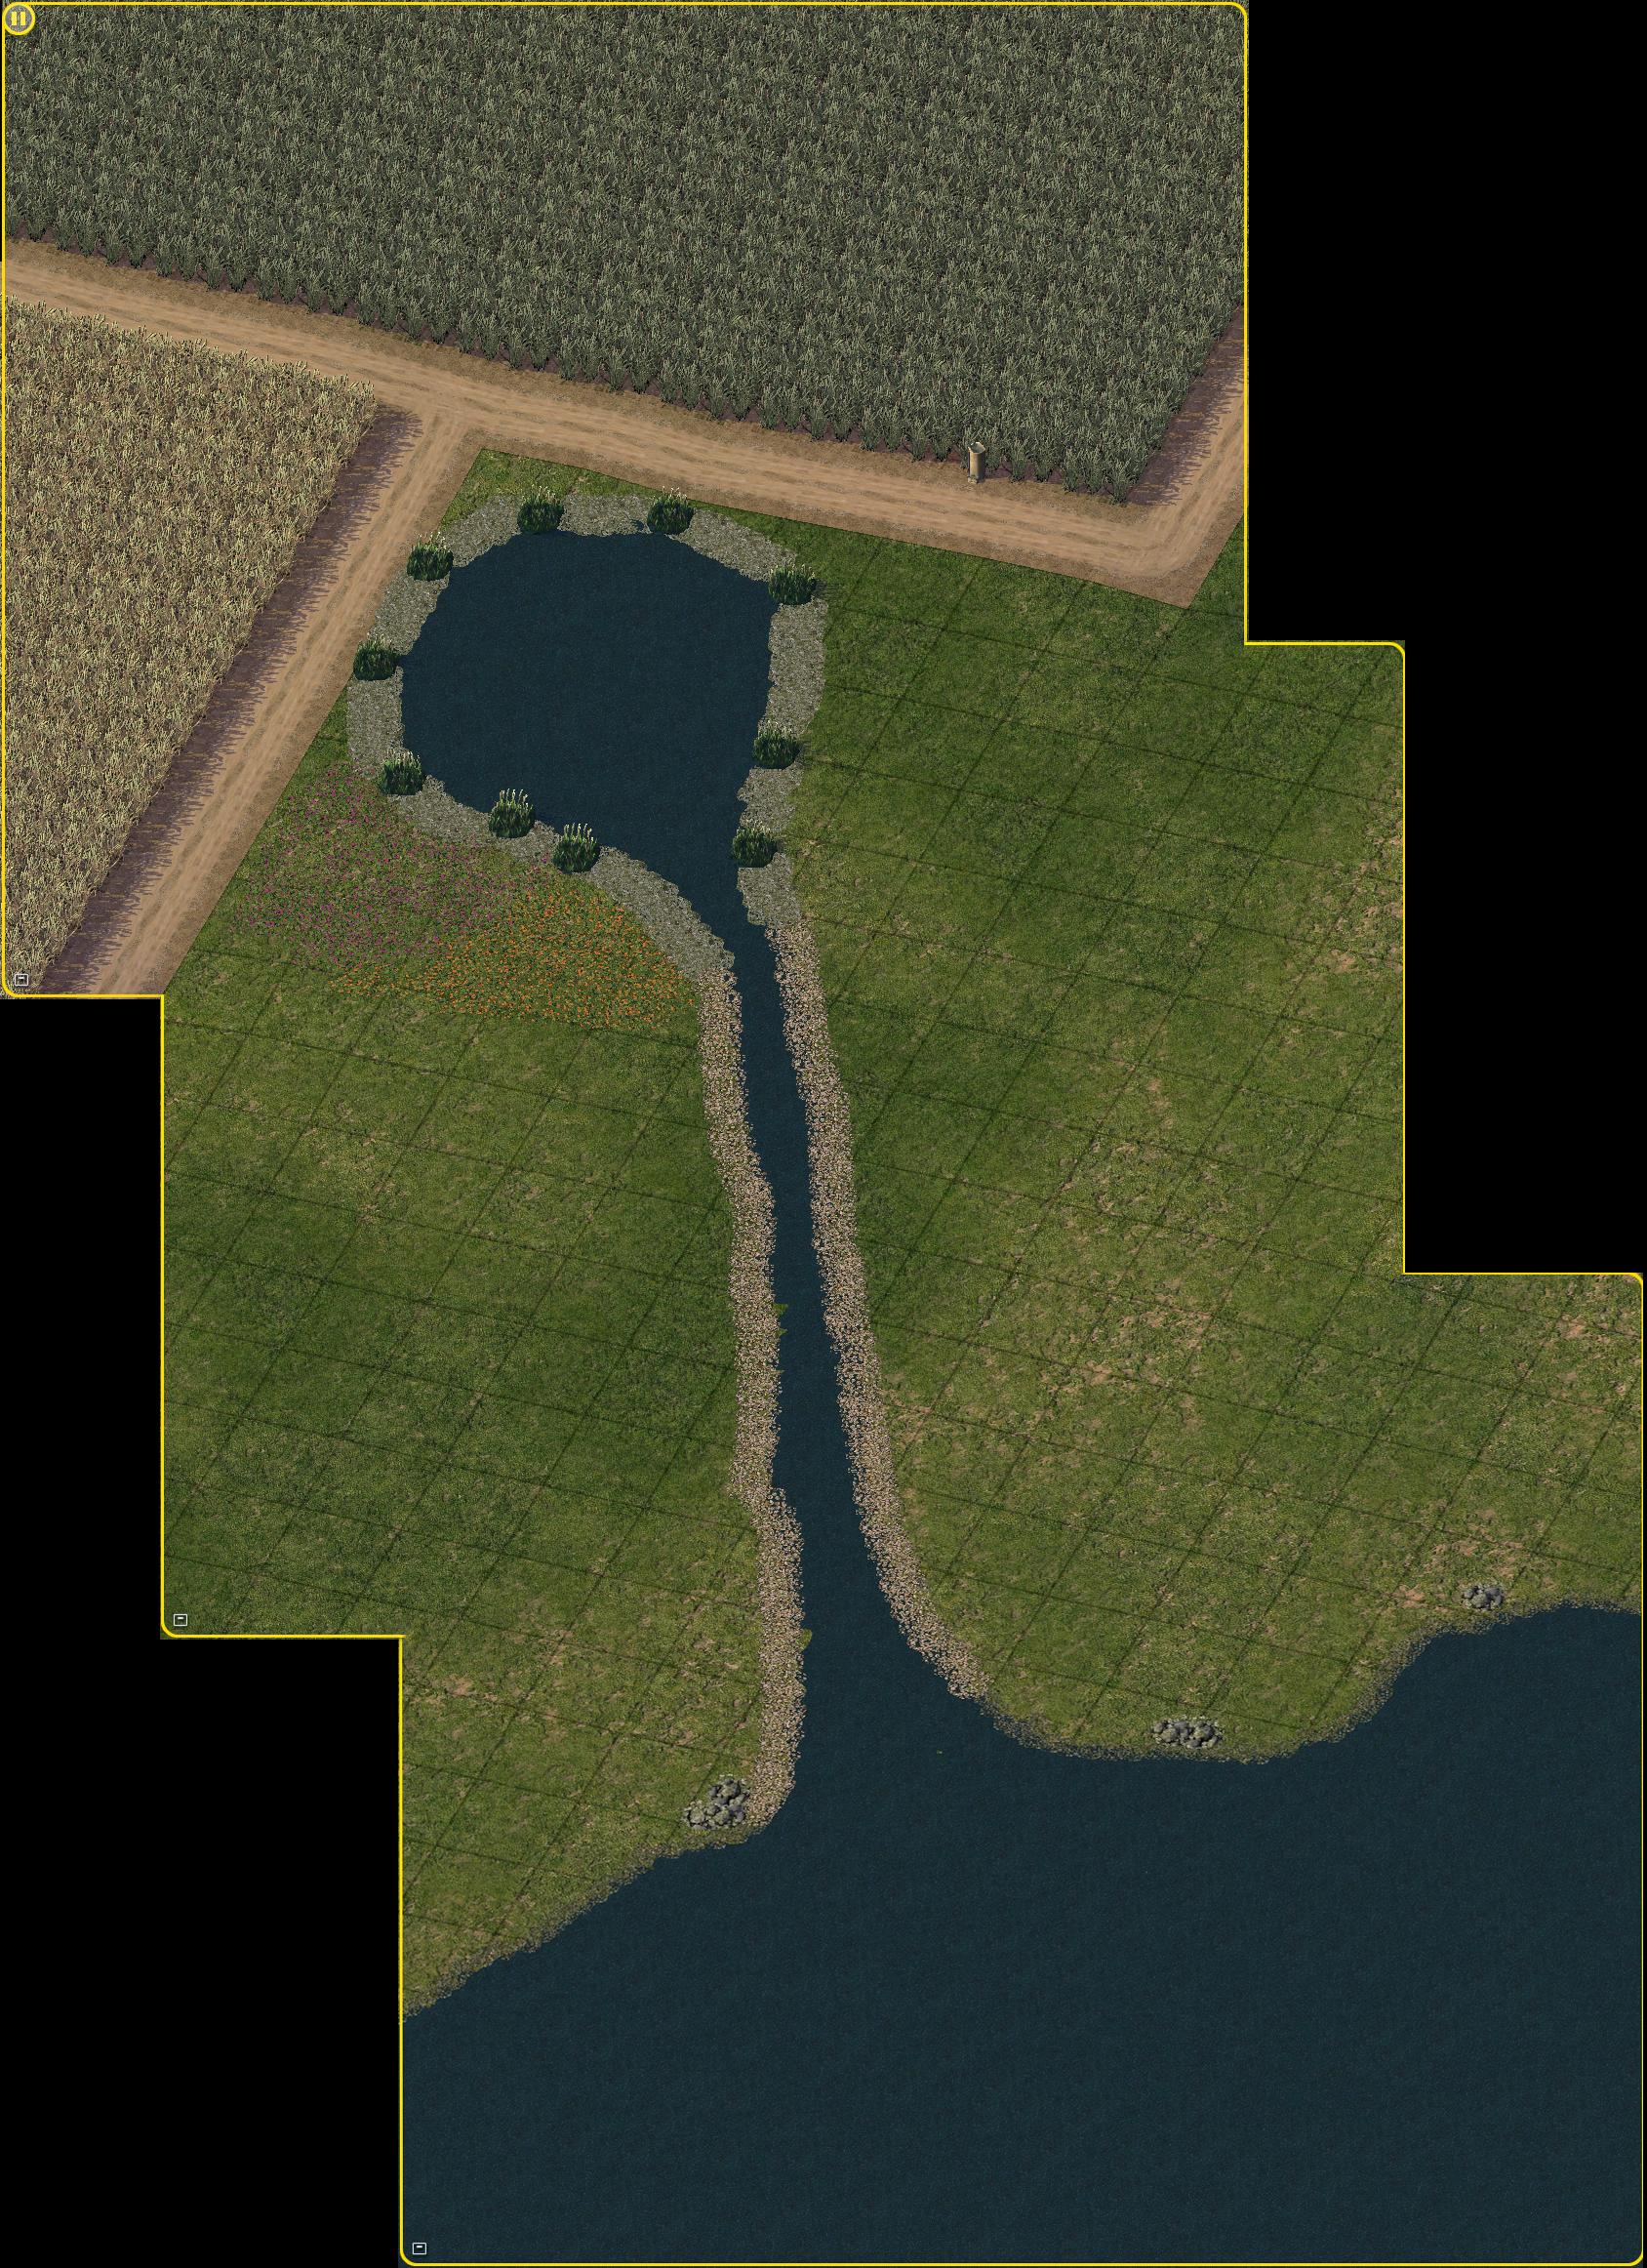 Pond.jpg?psid=1